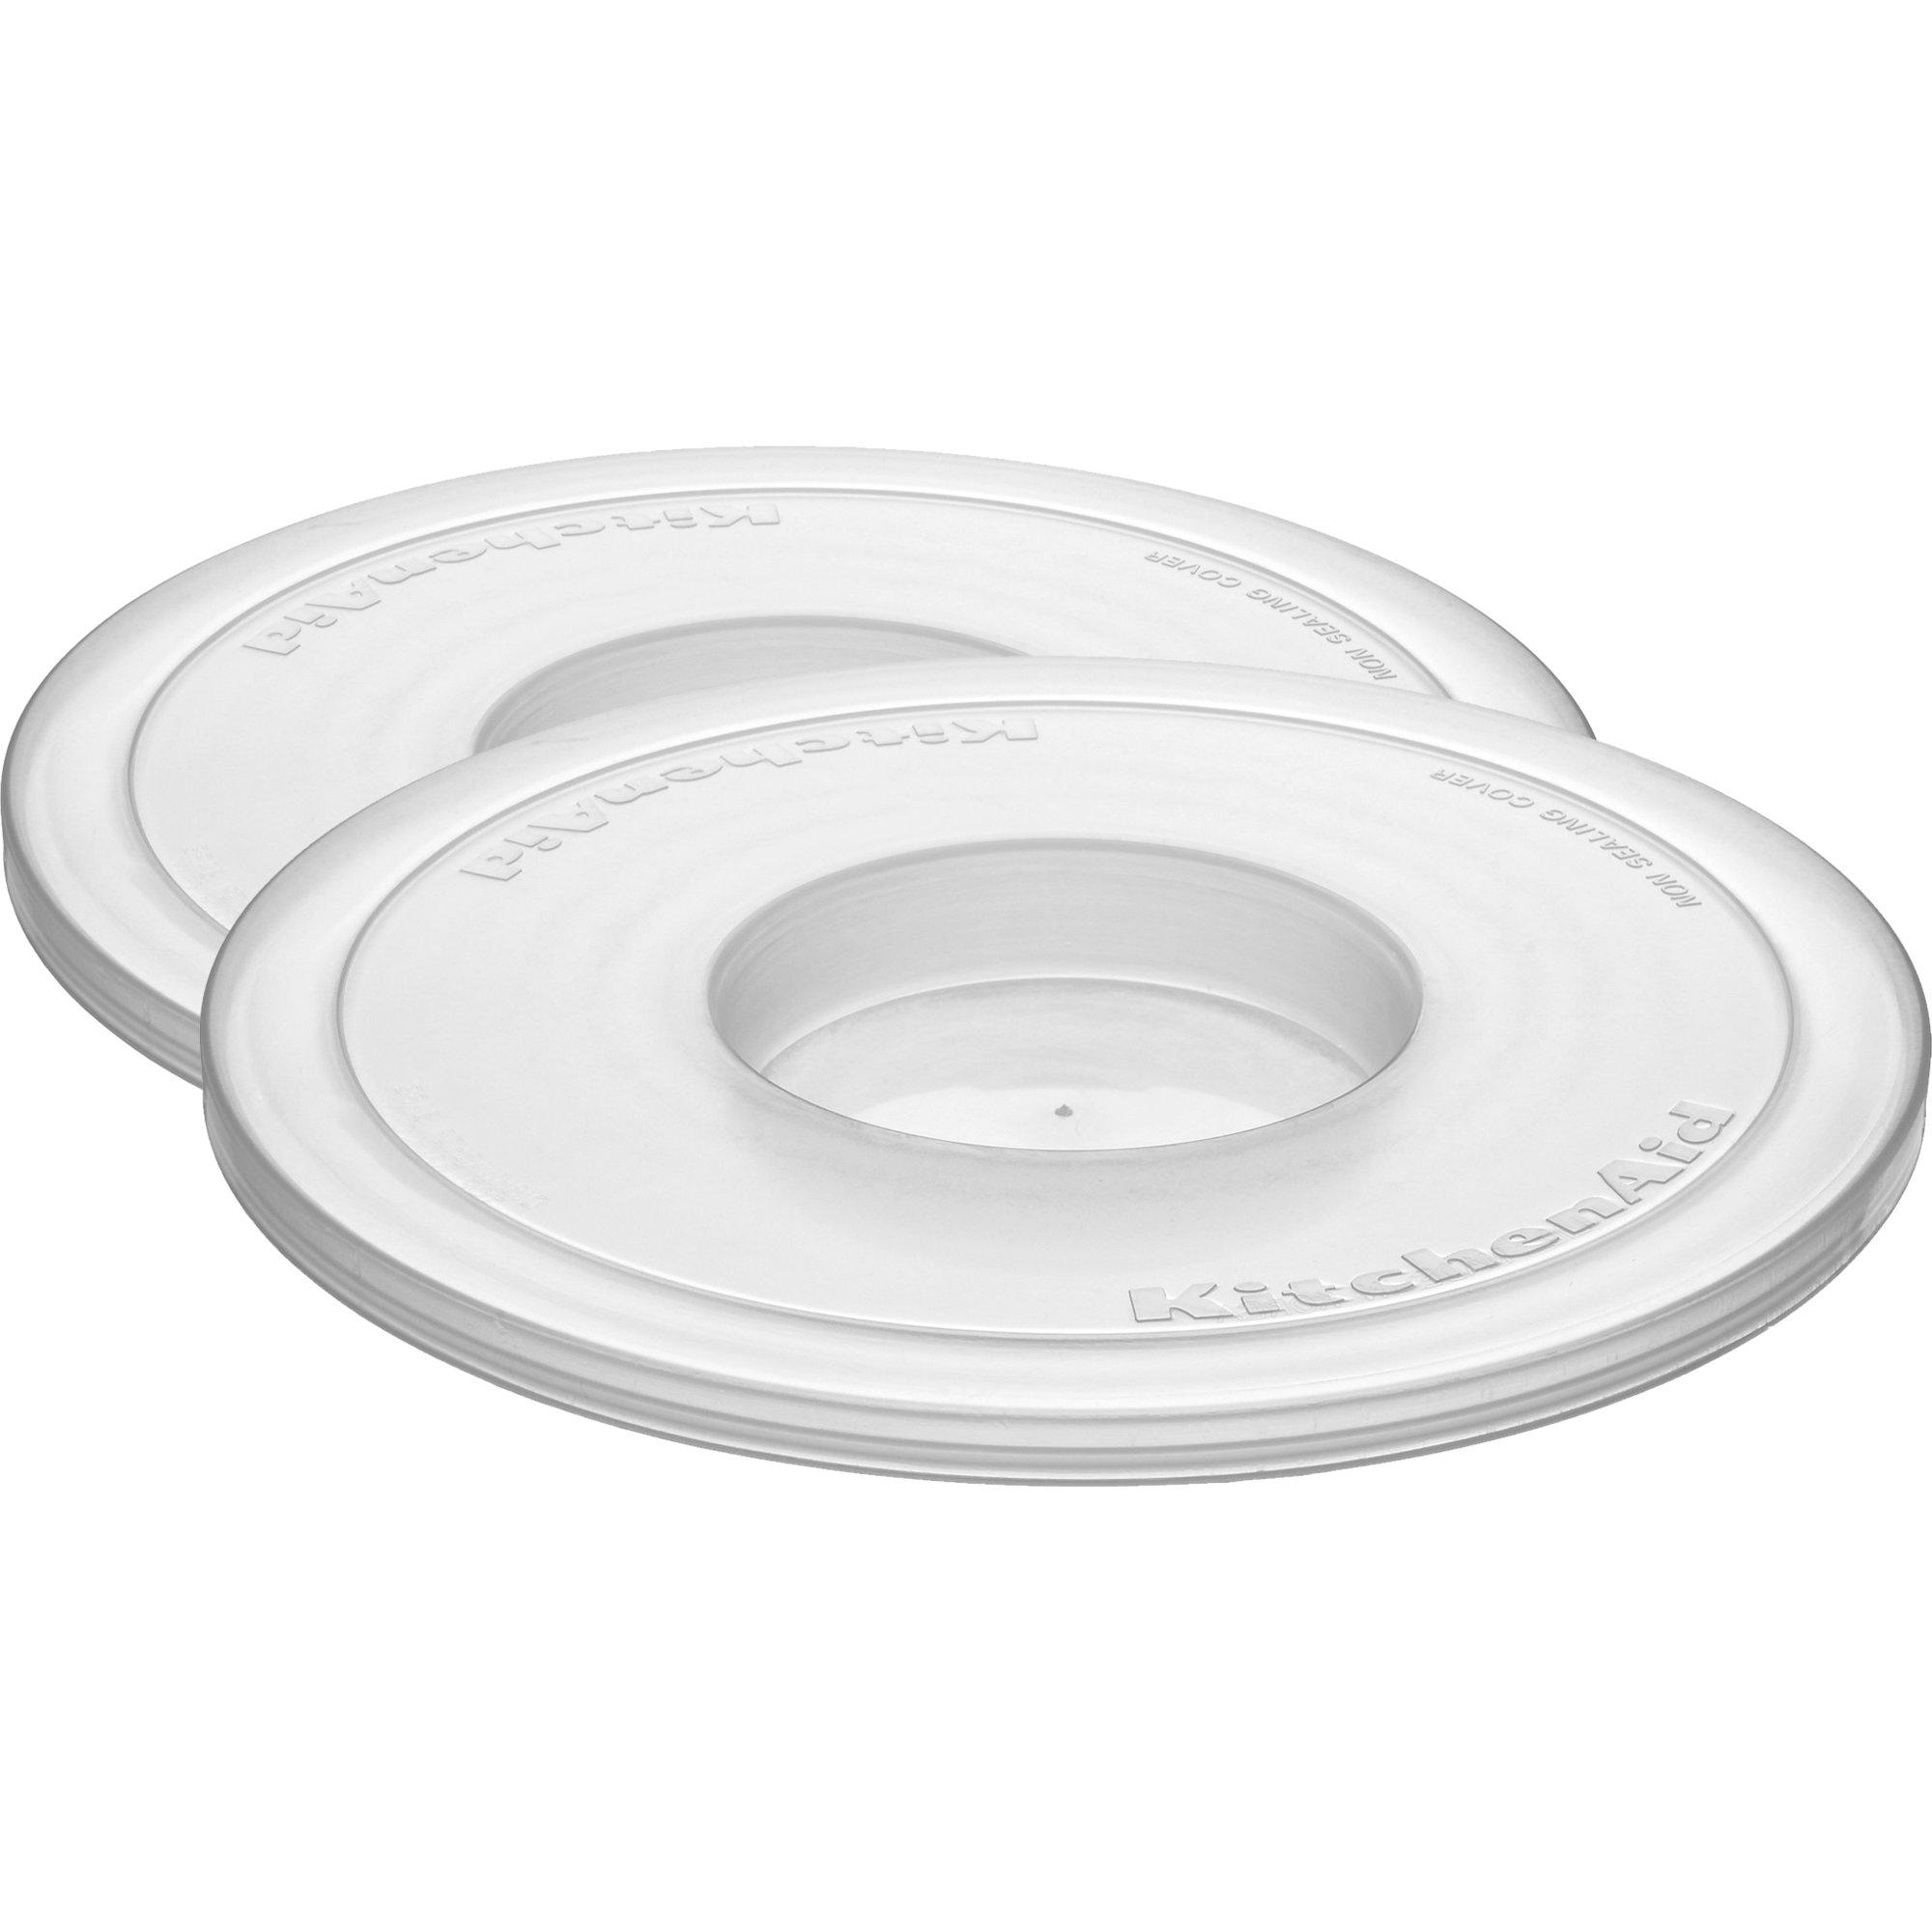 KitchenAid Plastlock – KBC90N